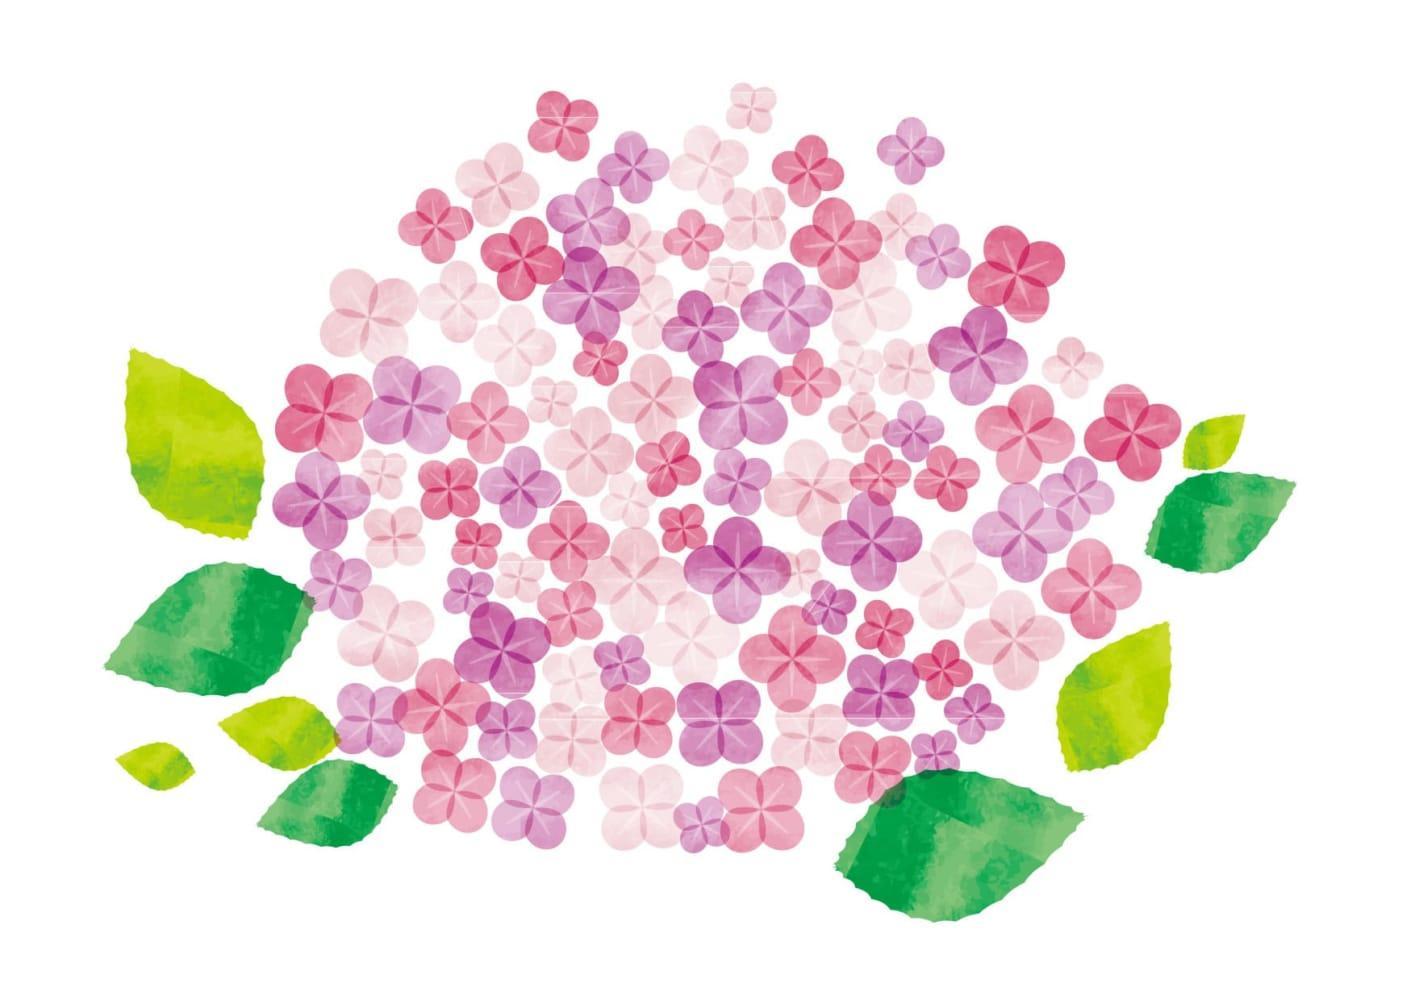 あじさい 水彩 ピンク色 花 イラスト 無料